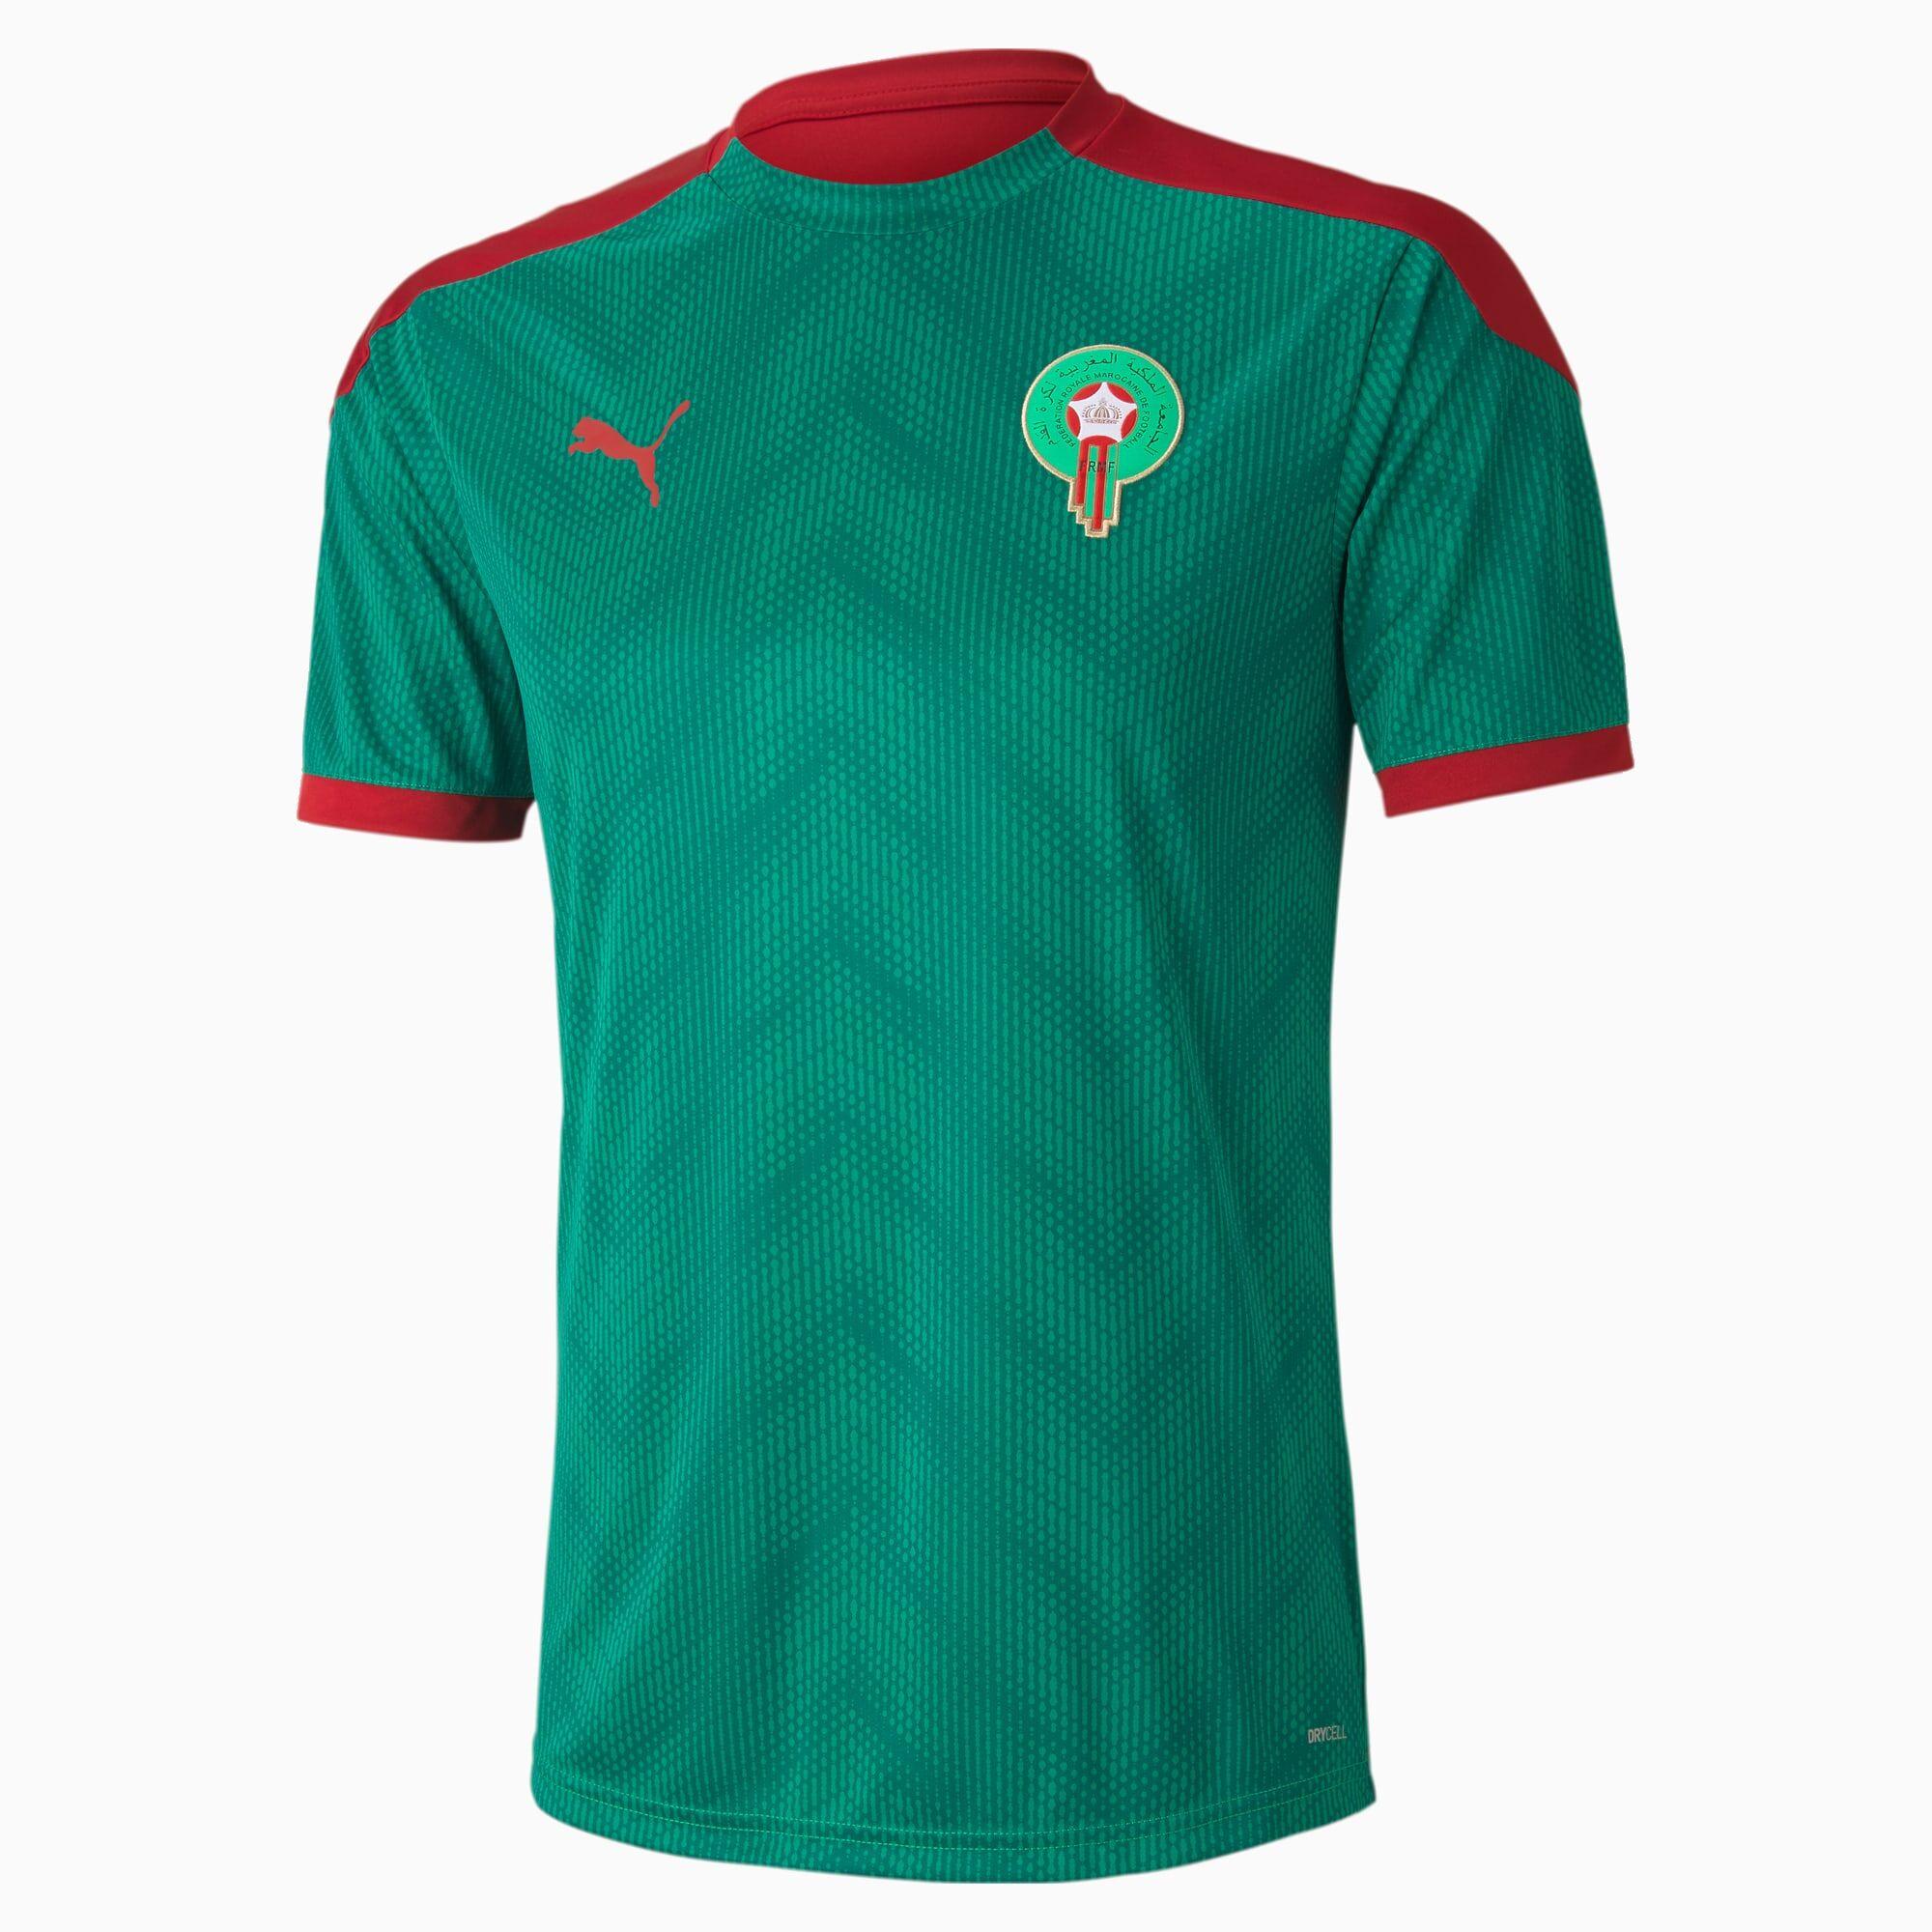 PUMA Maillot Stadium Maroc pour Homme, Vert/Rouge, Taille 3XL, Vêtements